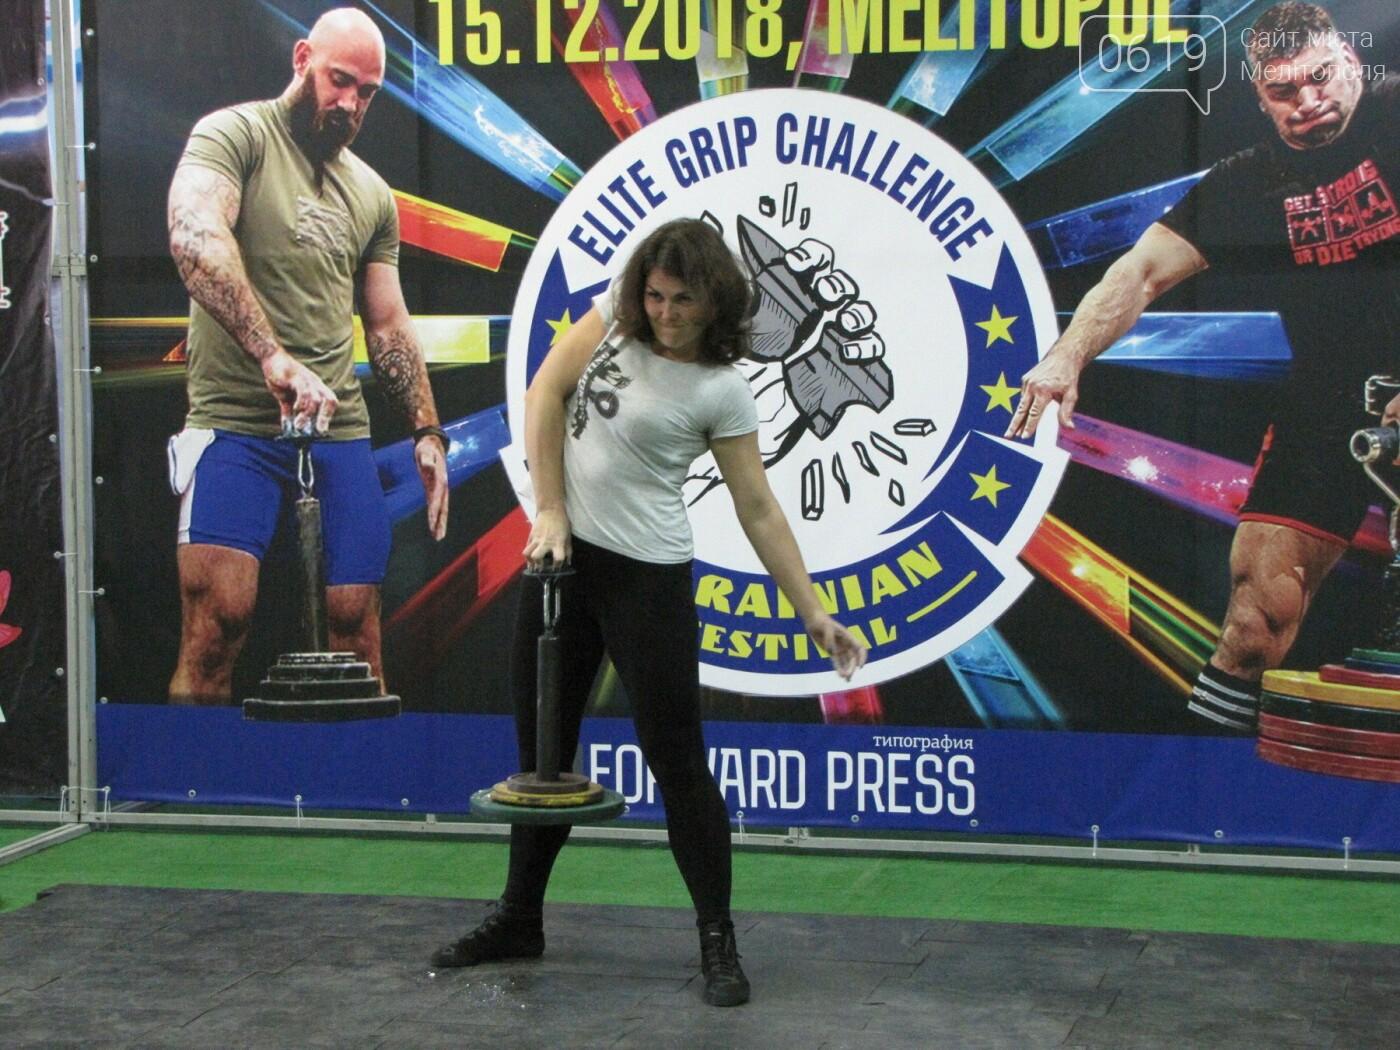 В Мелитополе сильнейшие атлеты соревновались в силе хвата, фото-11